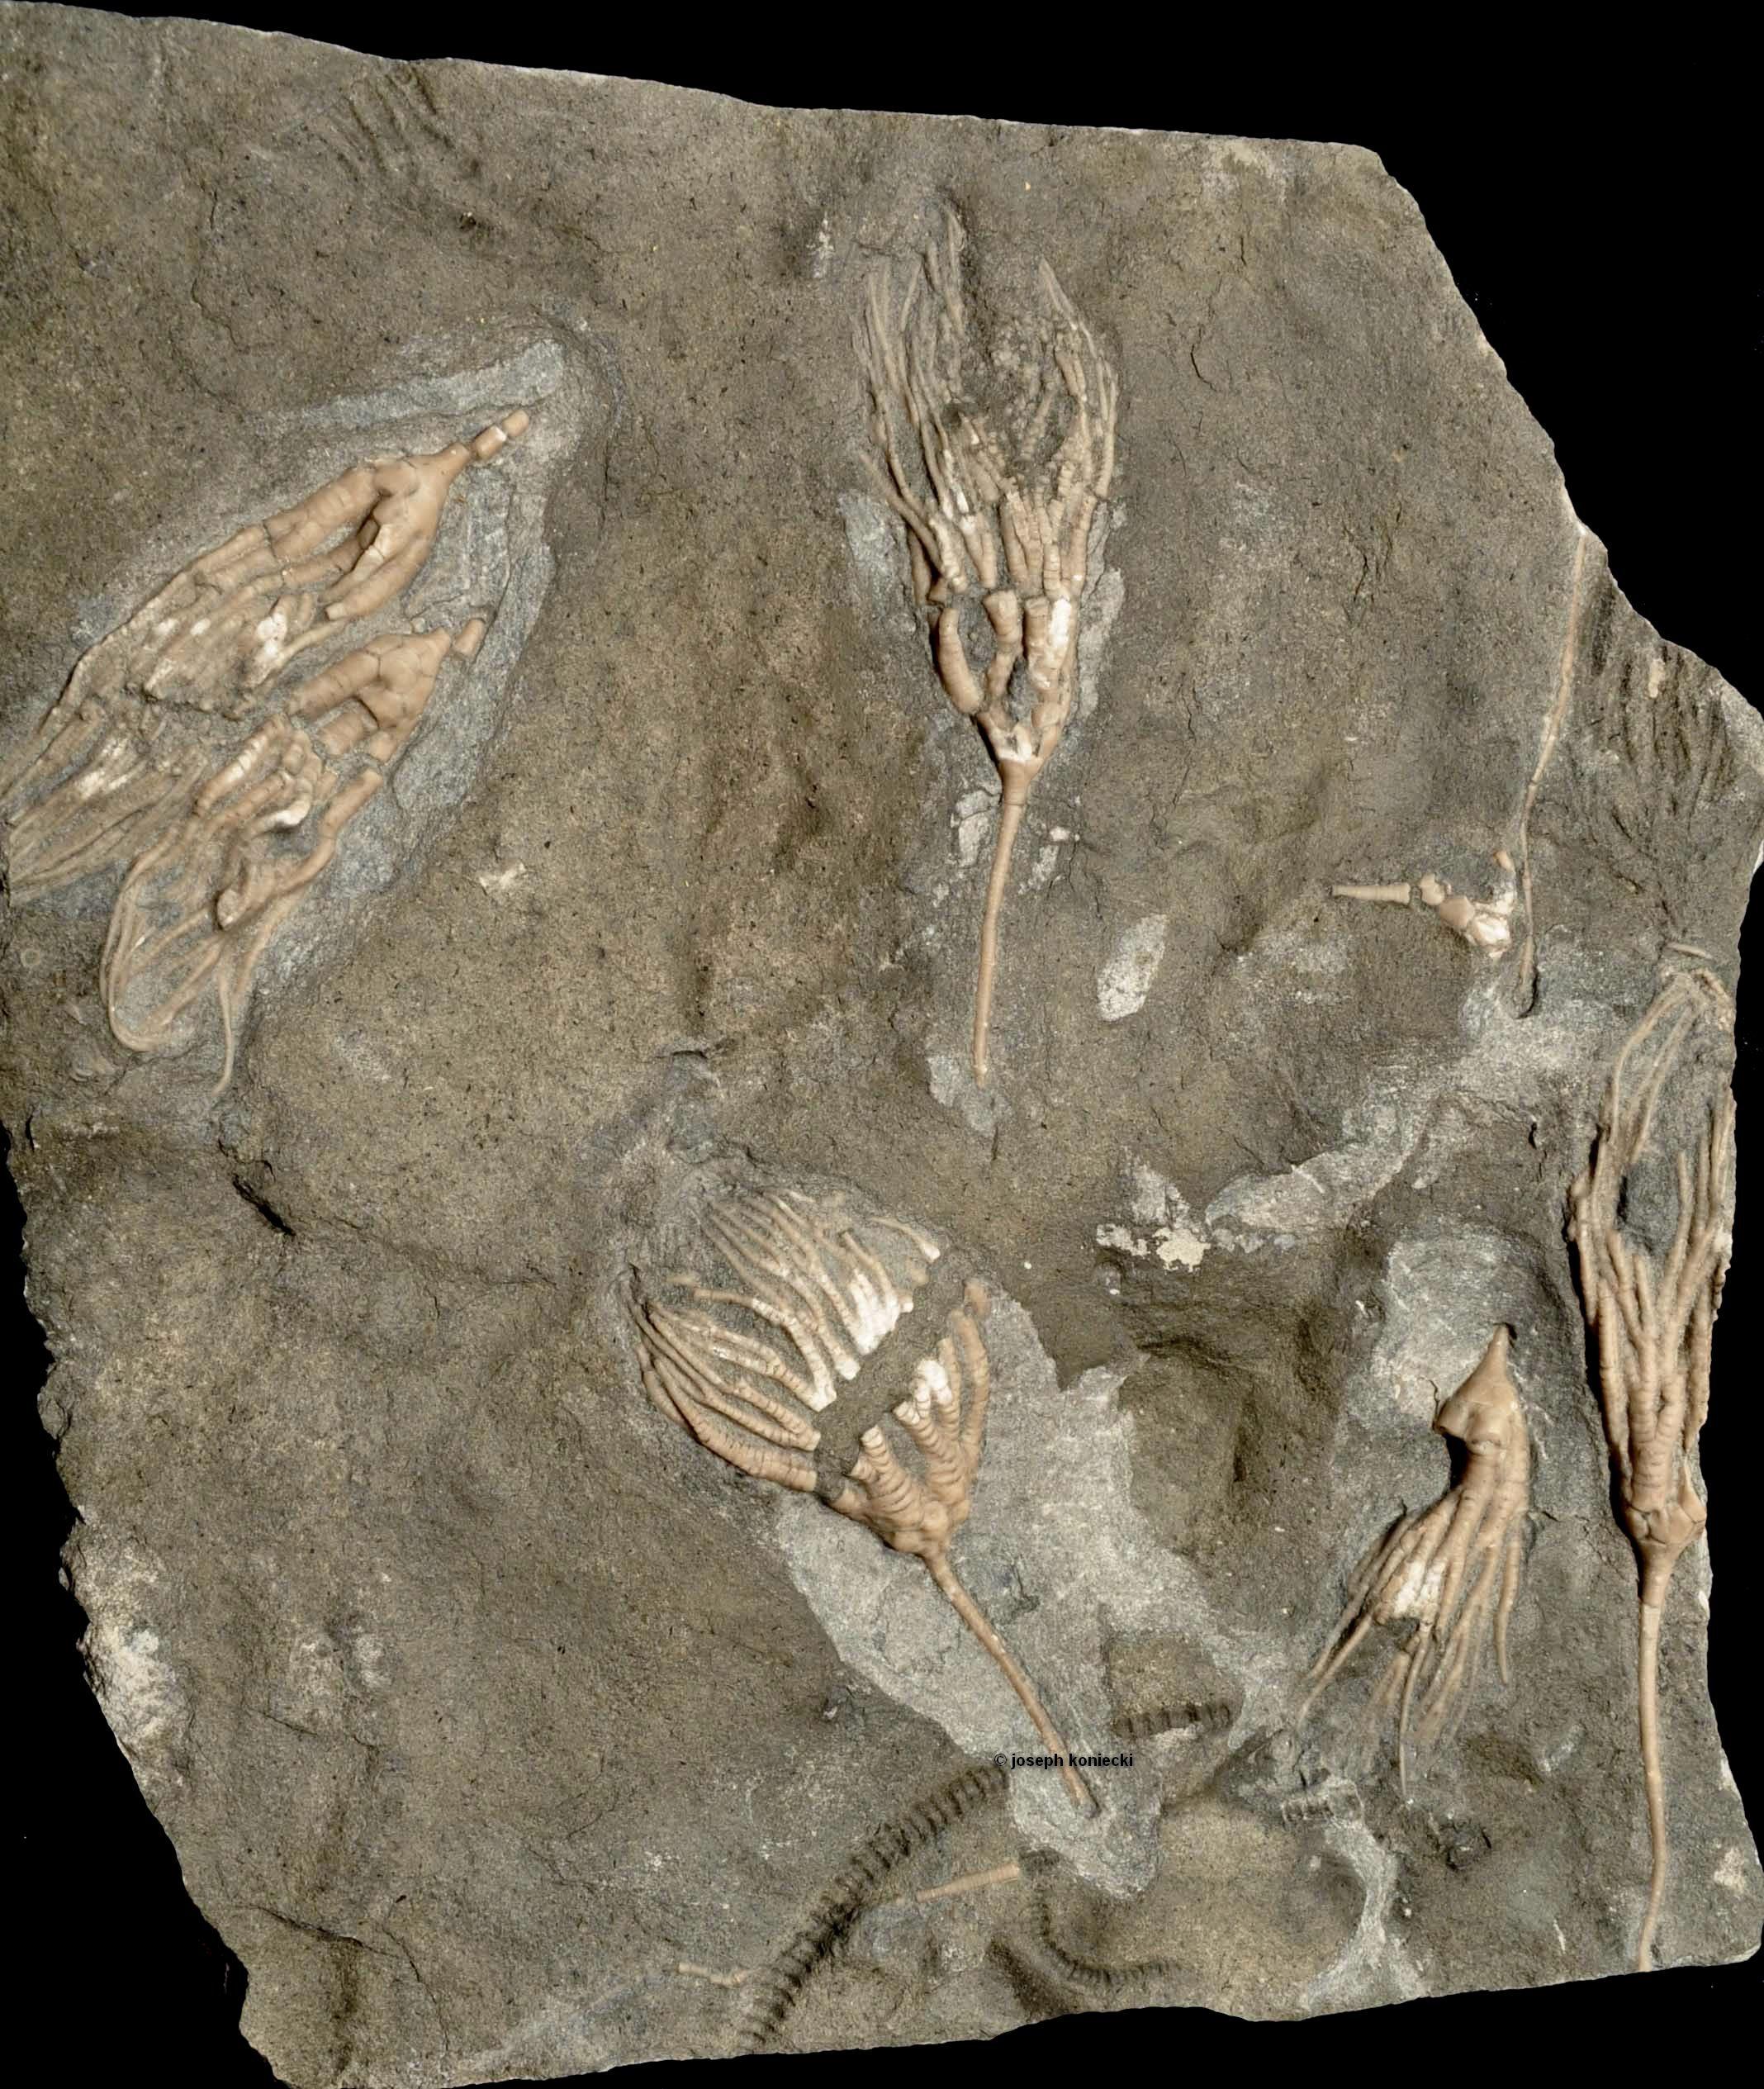 Cupulocrinus